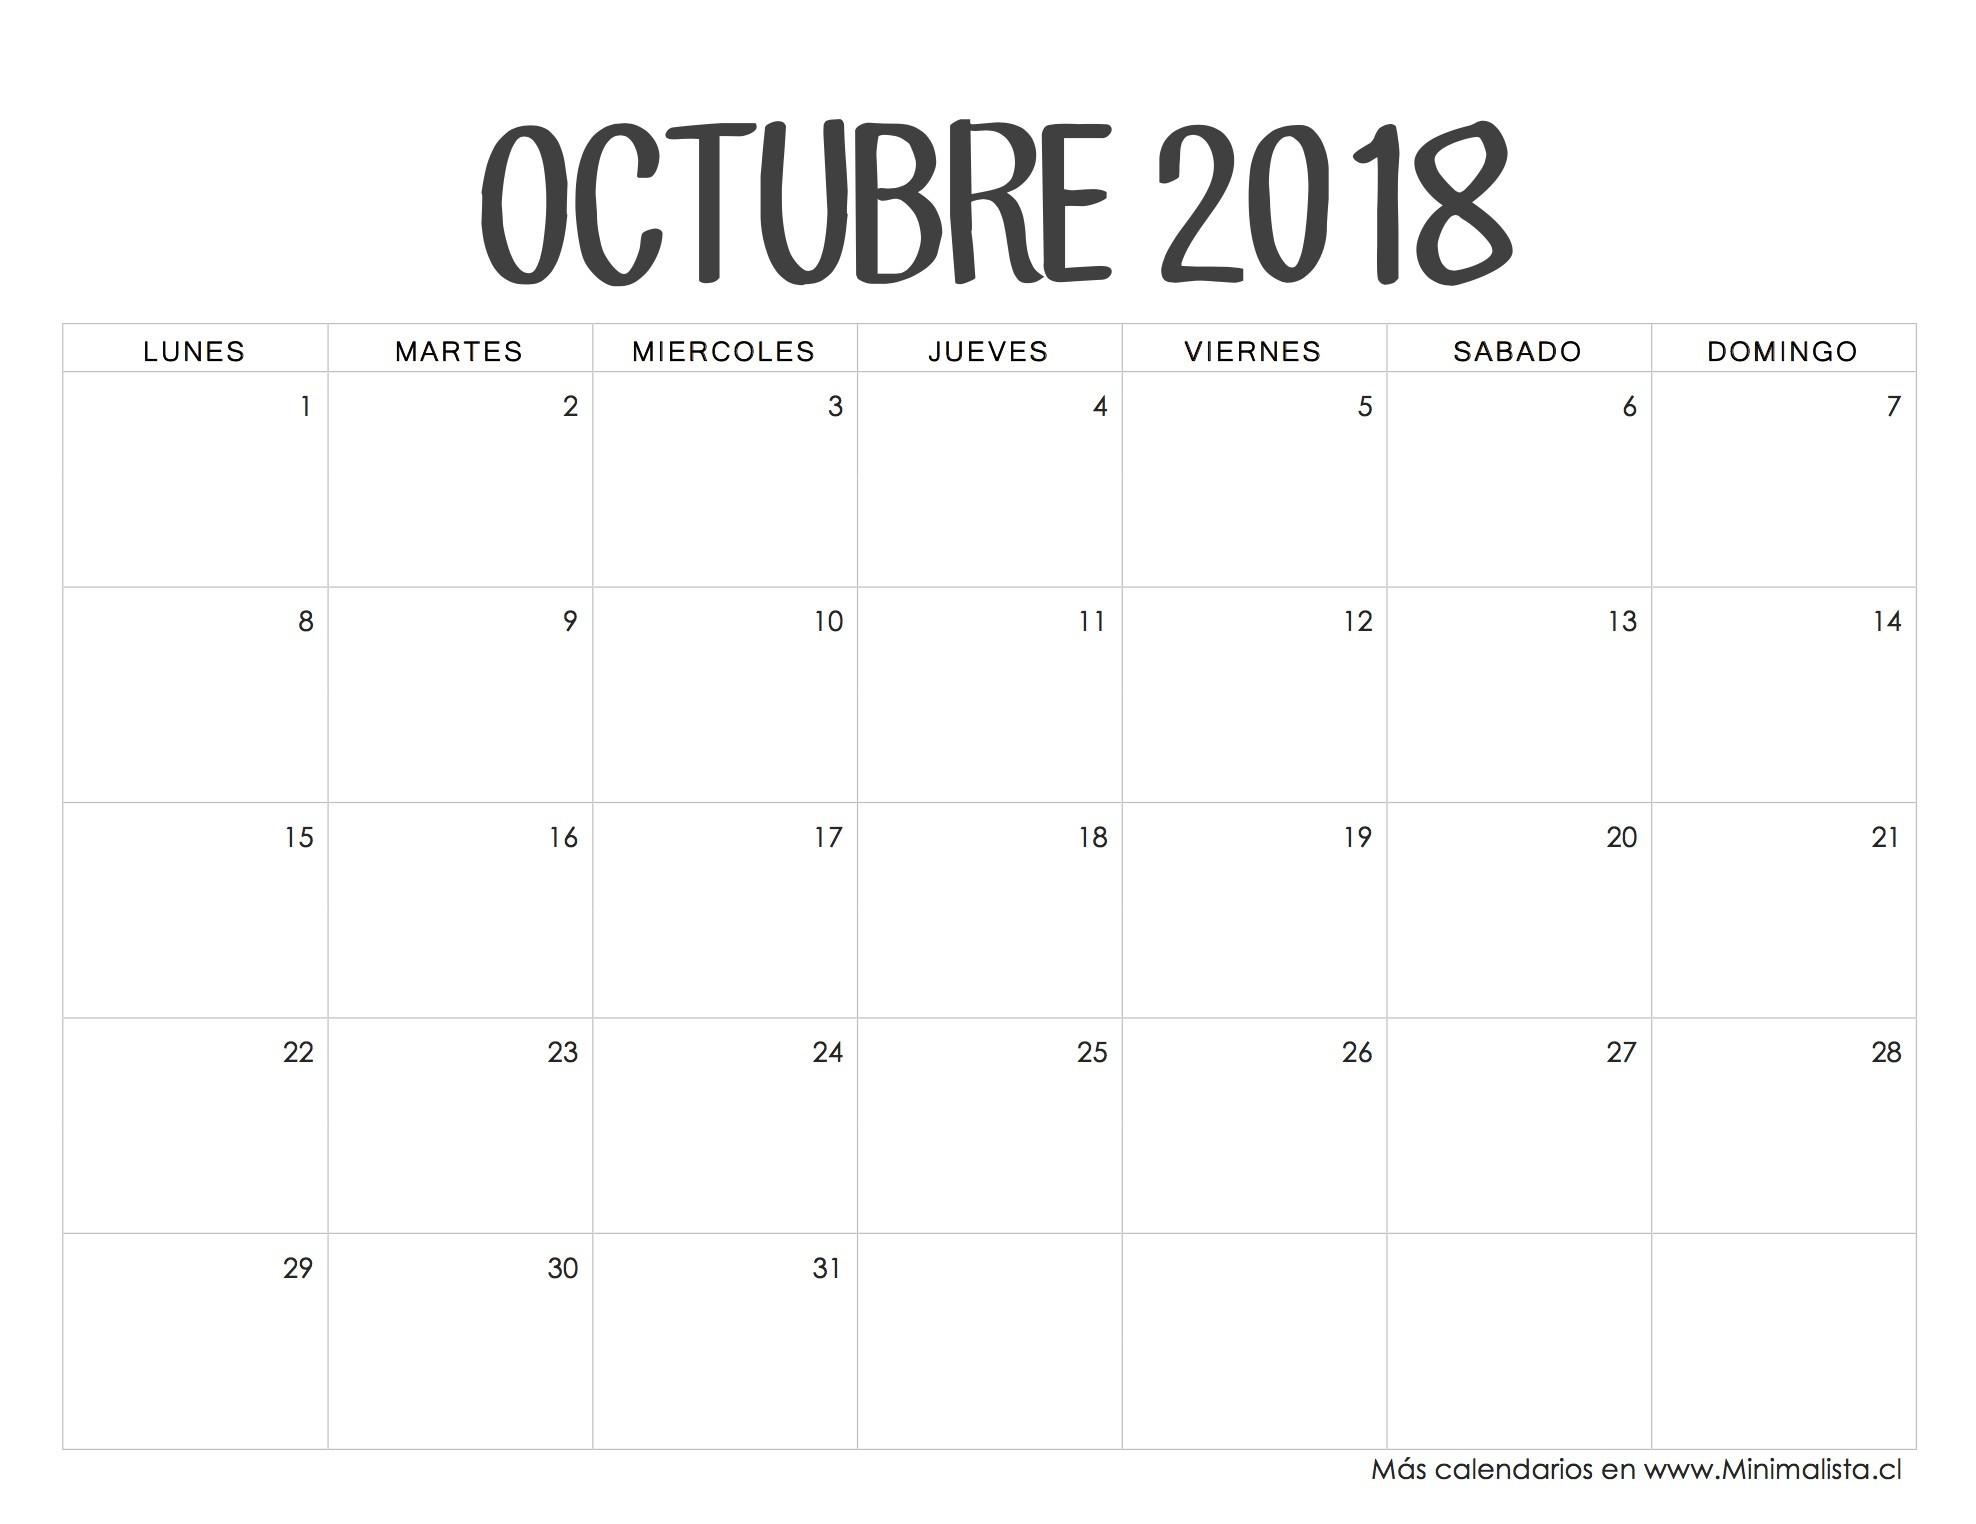 calendario 2017 para imprimir michelzbinden mas recientes calendario octubre 2018 calendario 2018 pinterest of calendario 2017 para imprimir michelzbinden